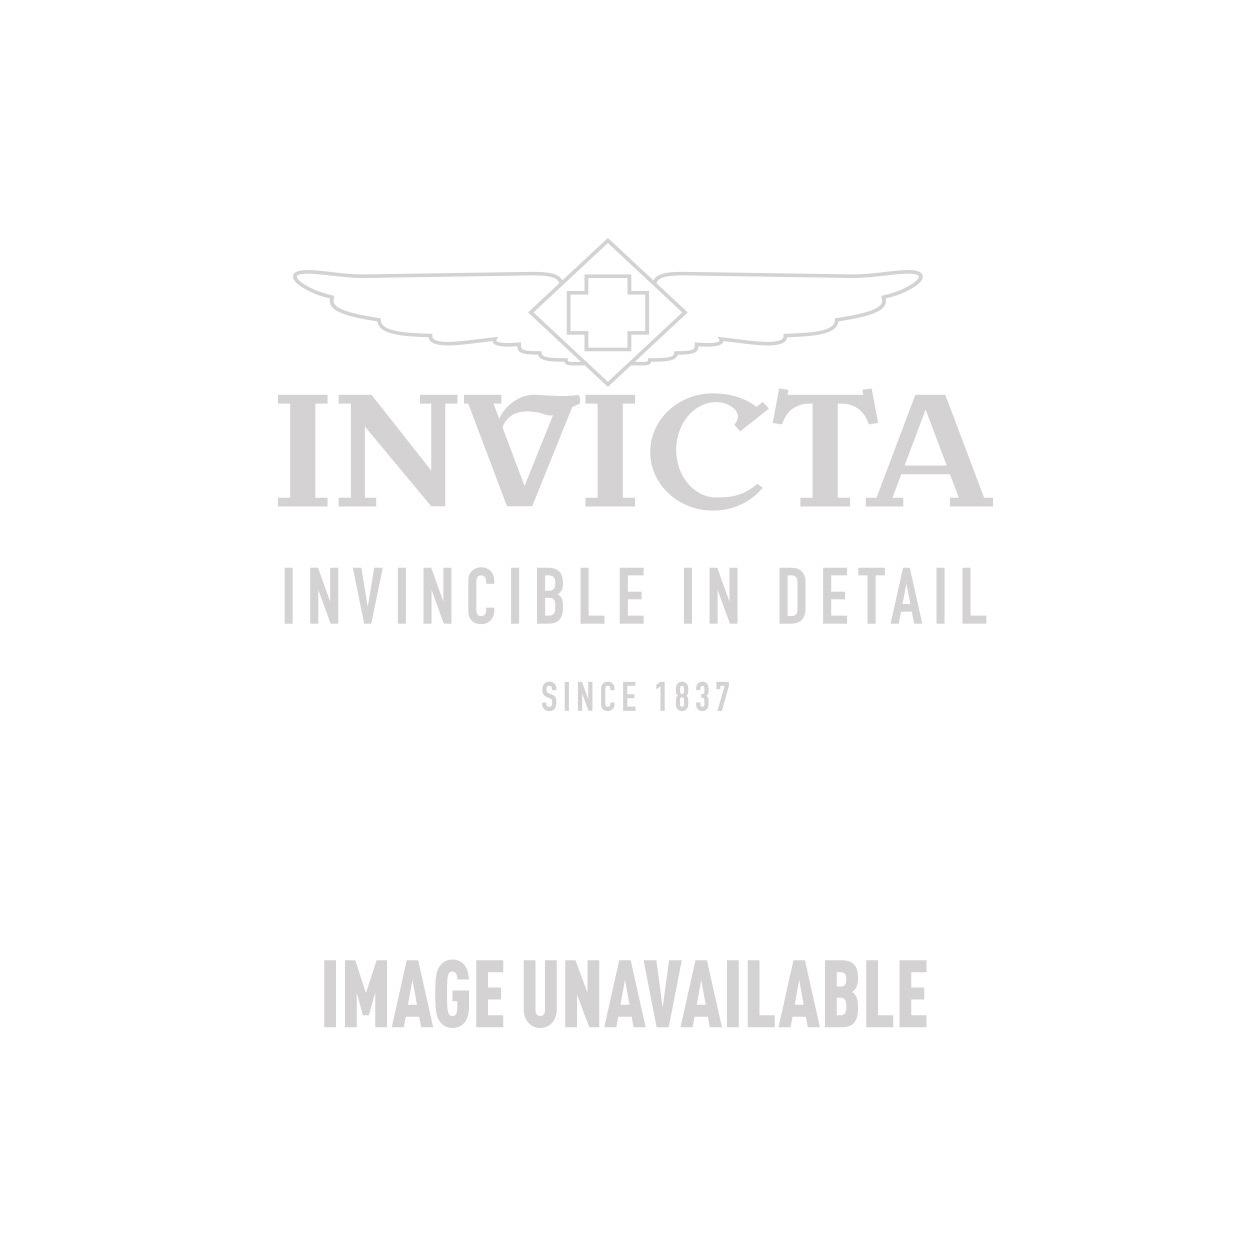 Invicta Model 28971